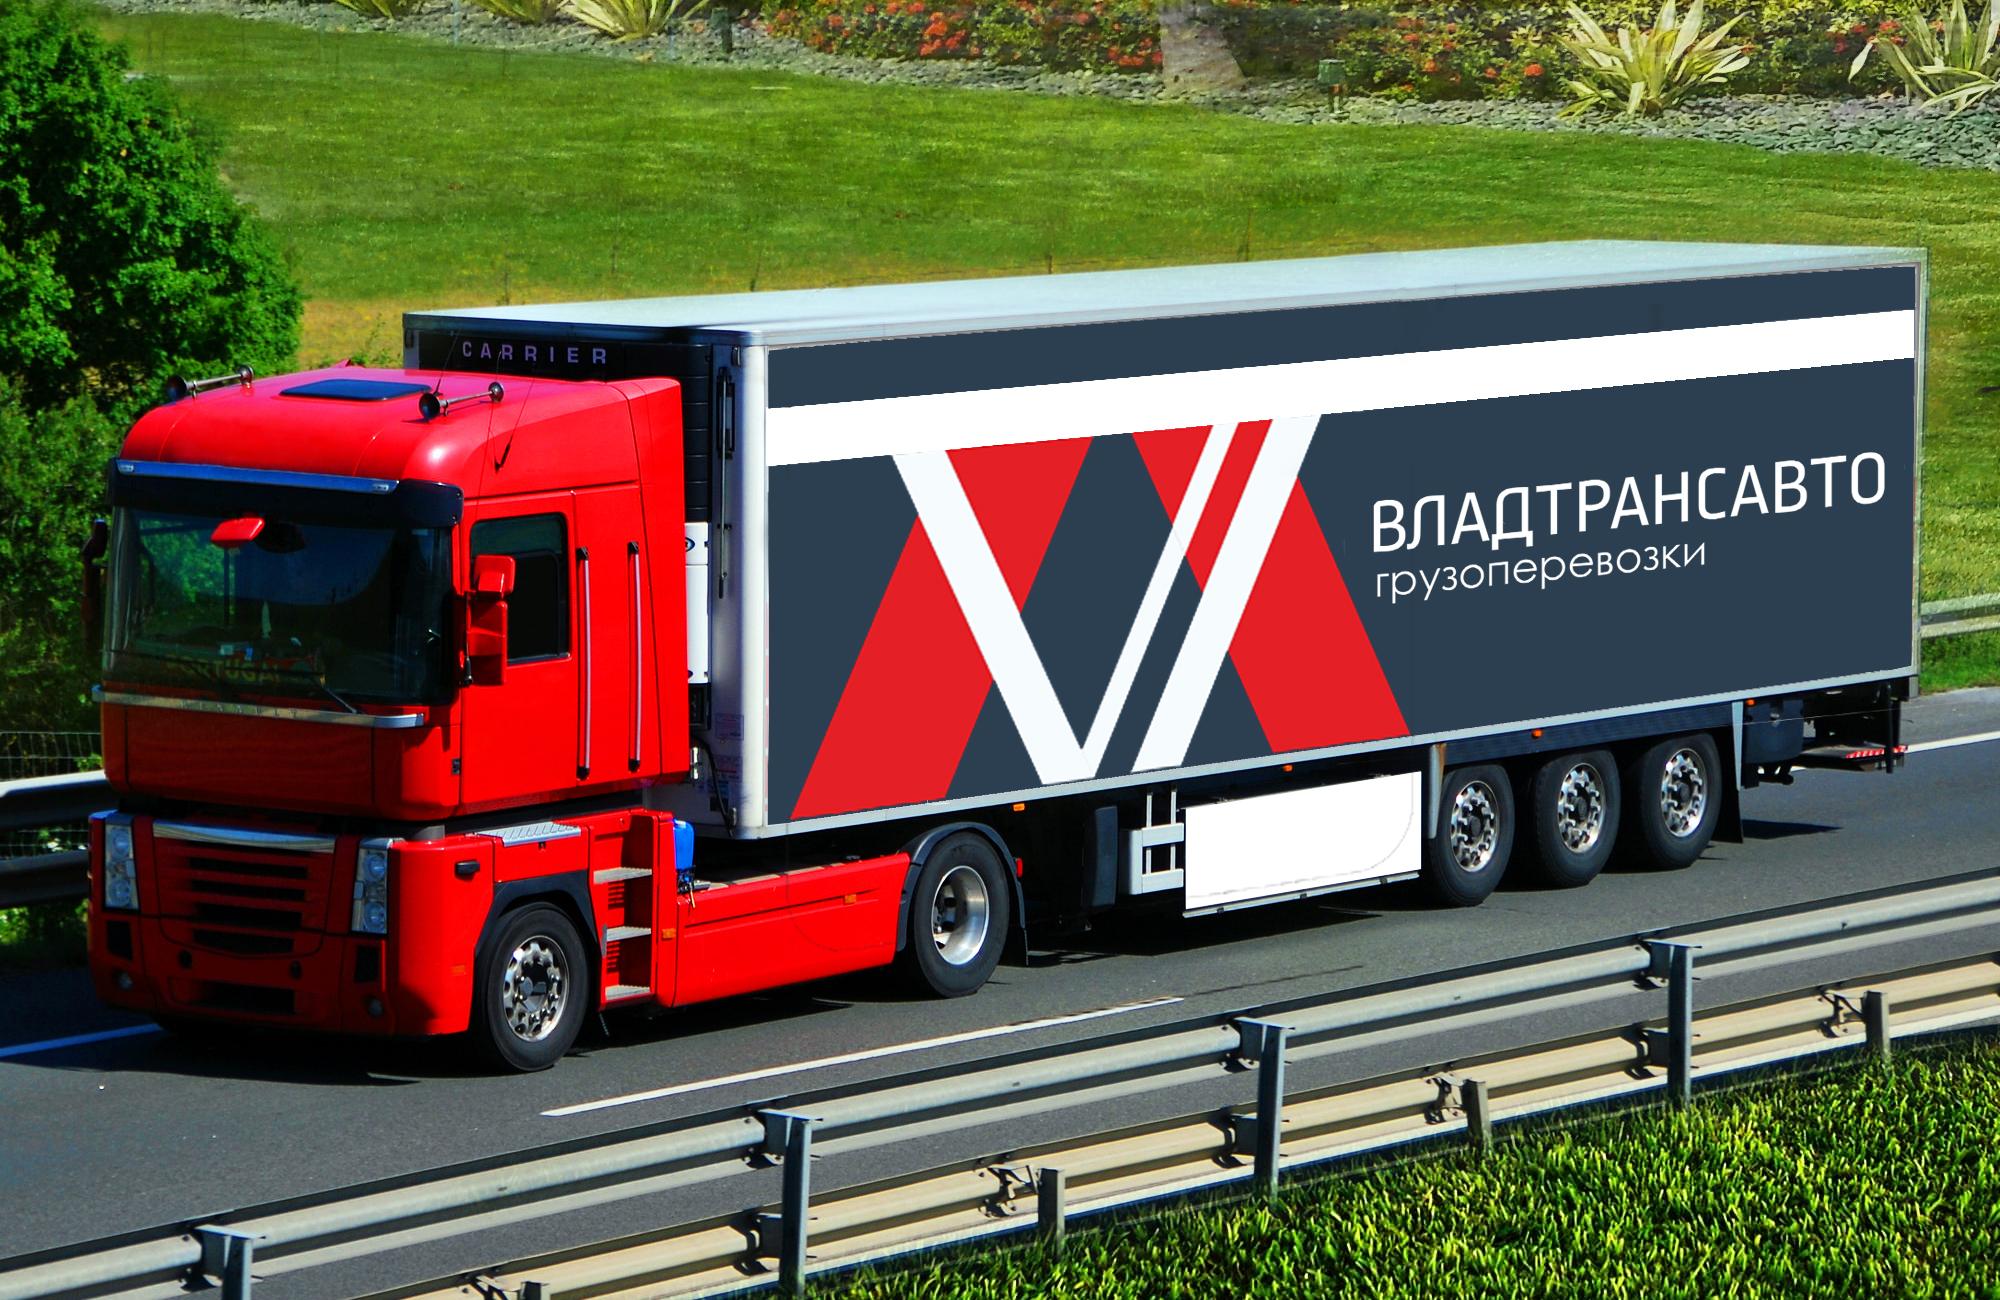 Логотип и фирменный стиль для транспортной компании Владтрансавто фото f_9665ce7cbf98d1f9.jpg